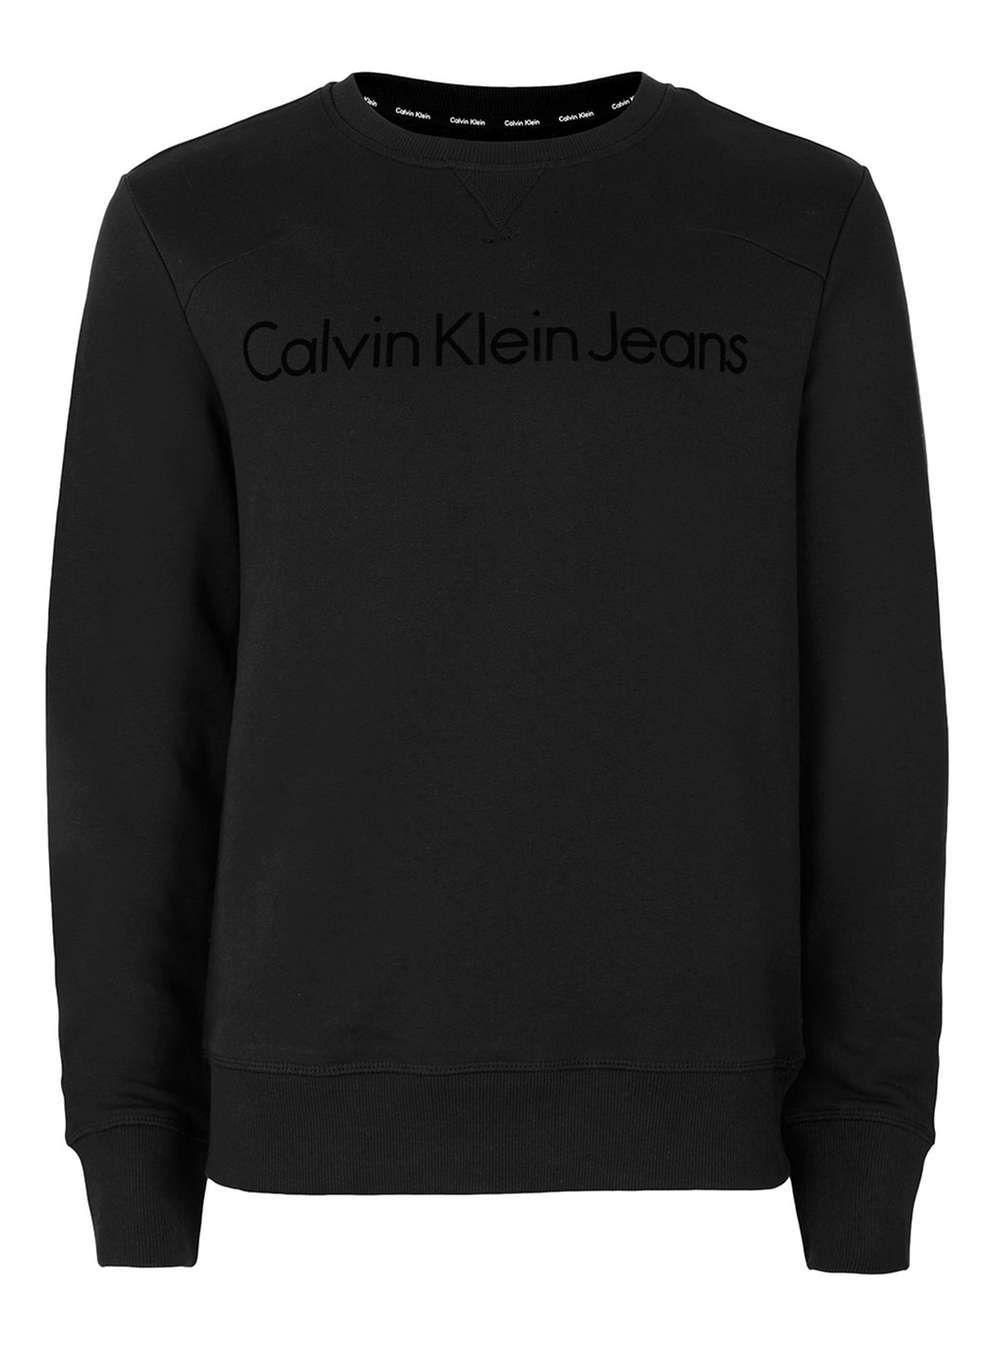 Calvin Klein Black Sweatshirt Men S Hoodies Sweatshirts Clothing Mens Sweatshirts Hoodie Black Sweatshirt Men Calvin Klein